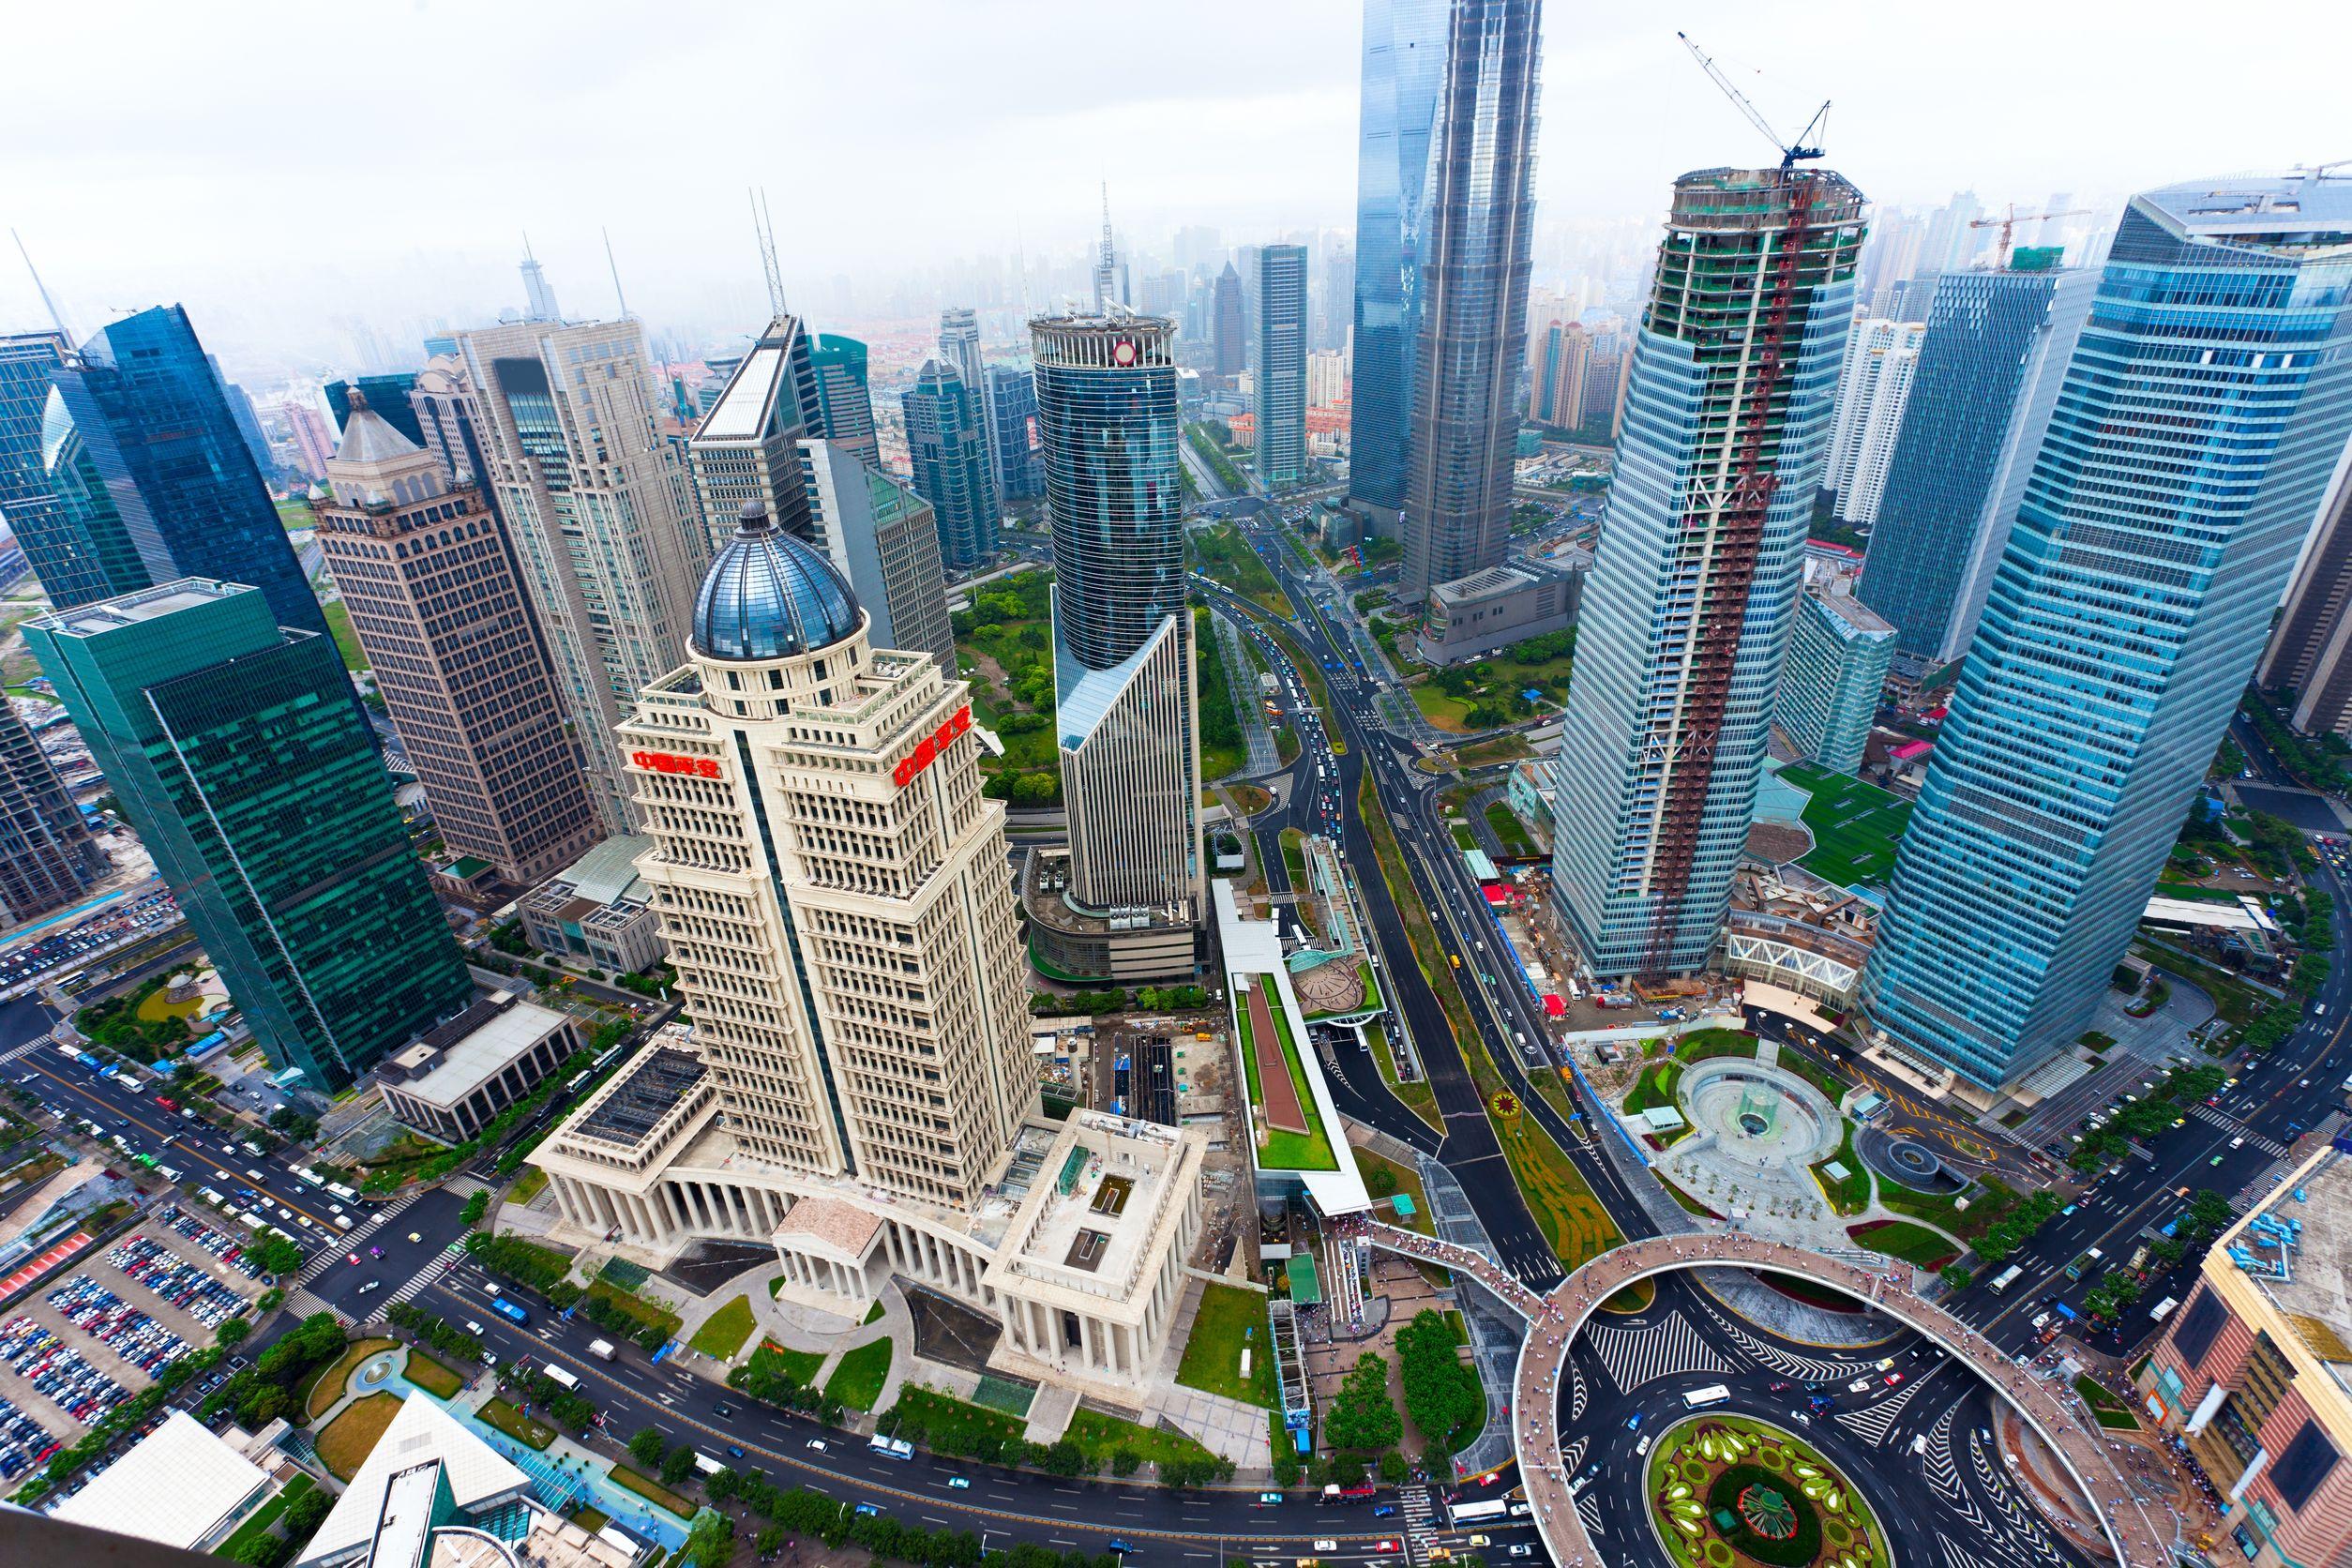 ТОП-10 мировых городов по числу проживающих миллиардеров. Шанхай